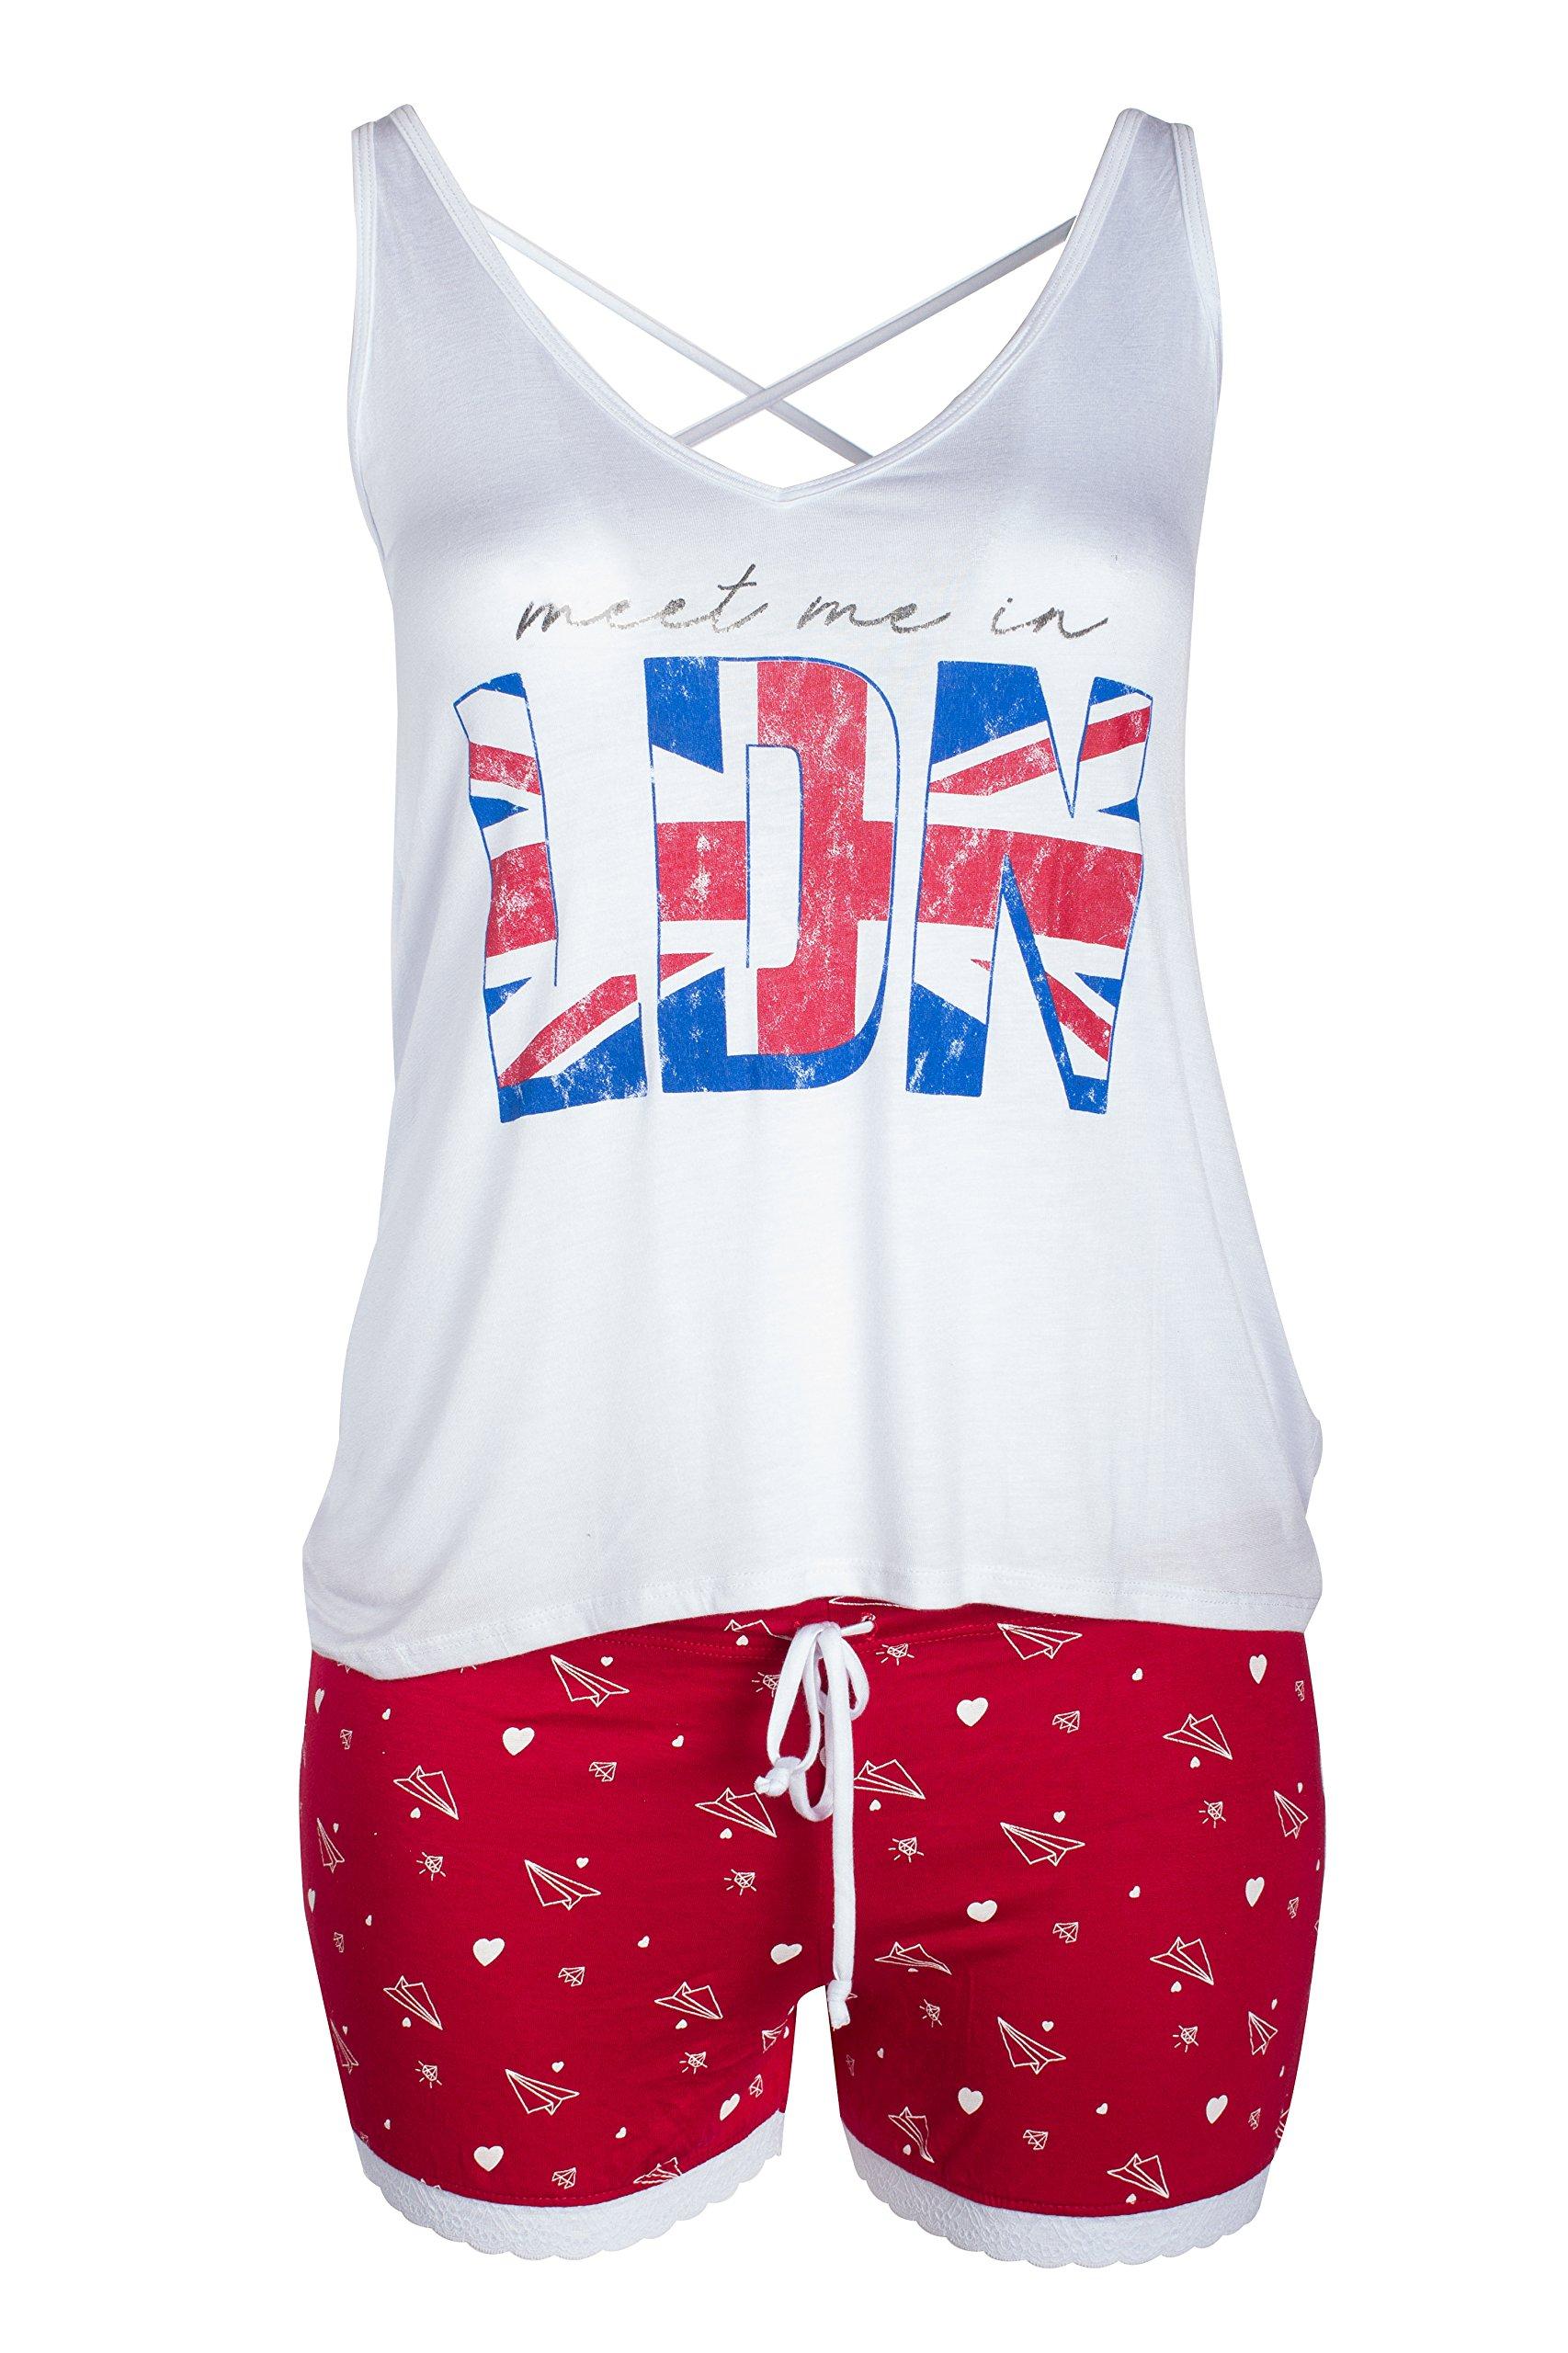 Curvy Couture Women's Petite Plus LDN Sleep Set, White, XL